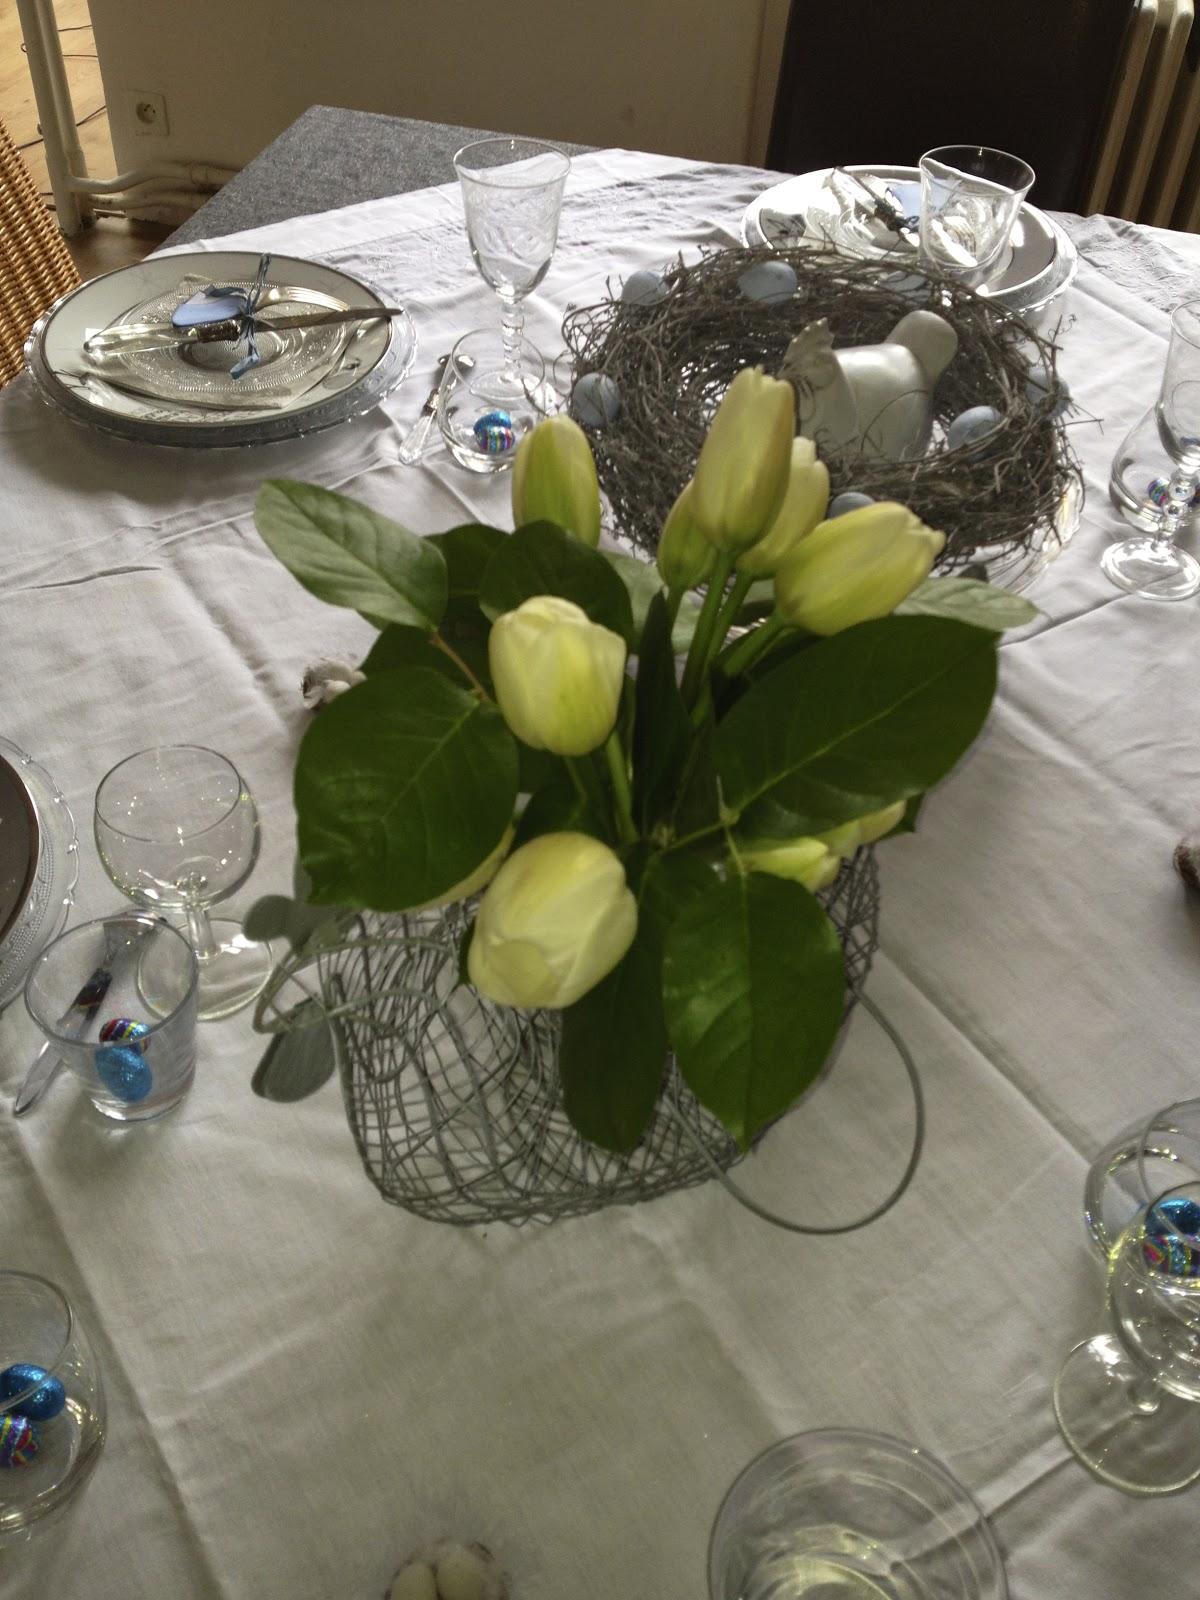 Rue boucher de perthes d coration de table de p ques en bleu pascal - Decoration table paques fleurs ...